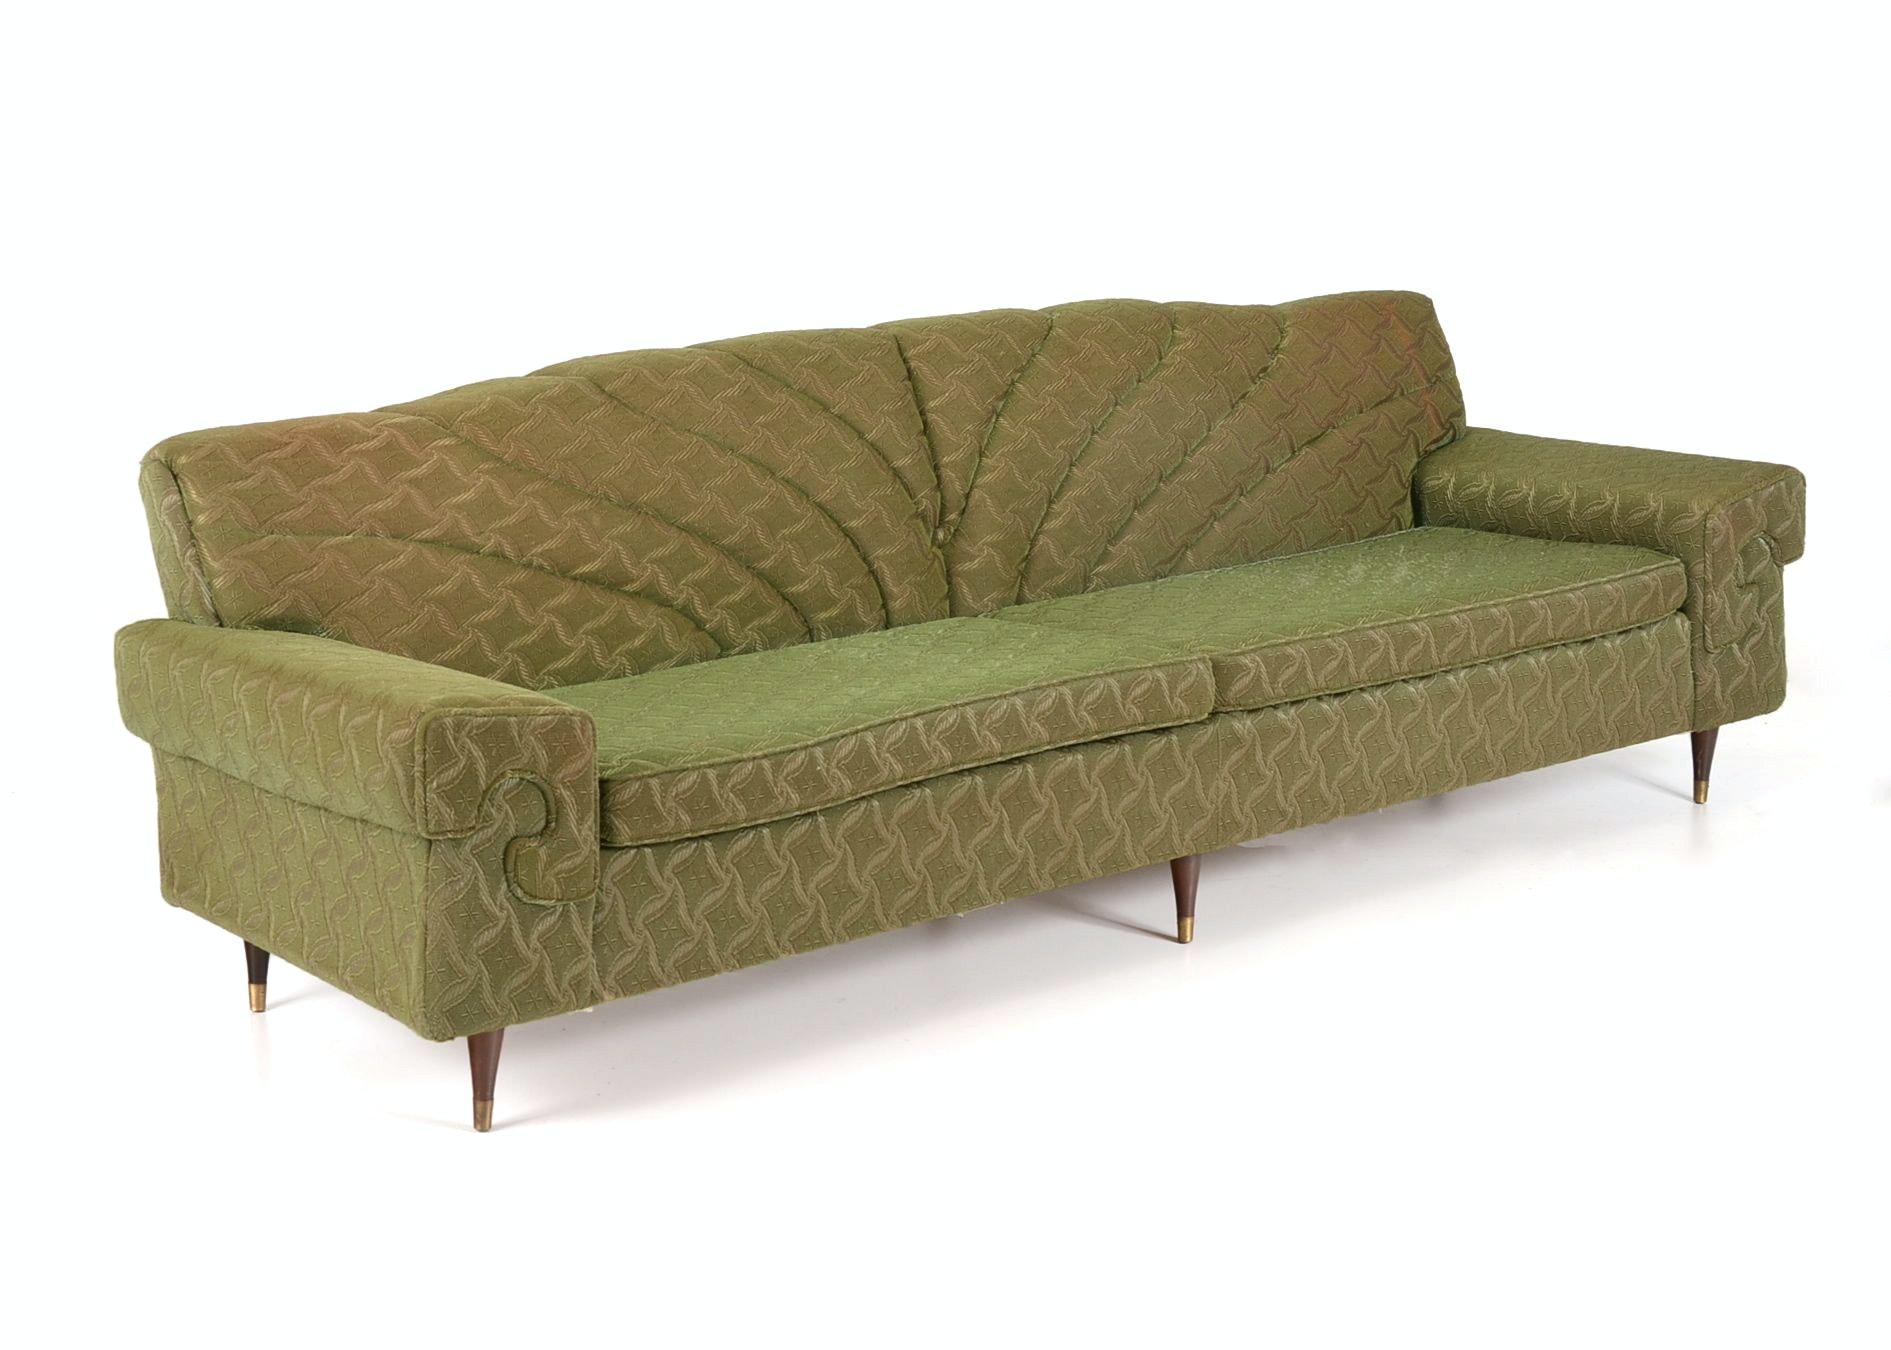 Sawyers Furniture Green Sofa